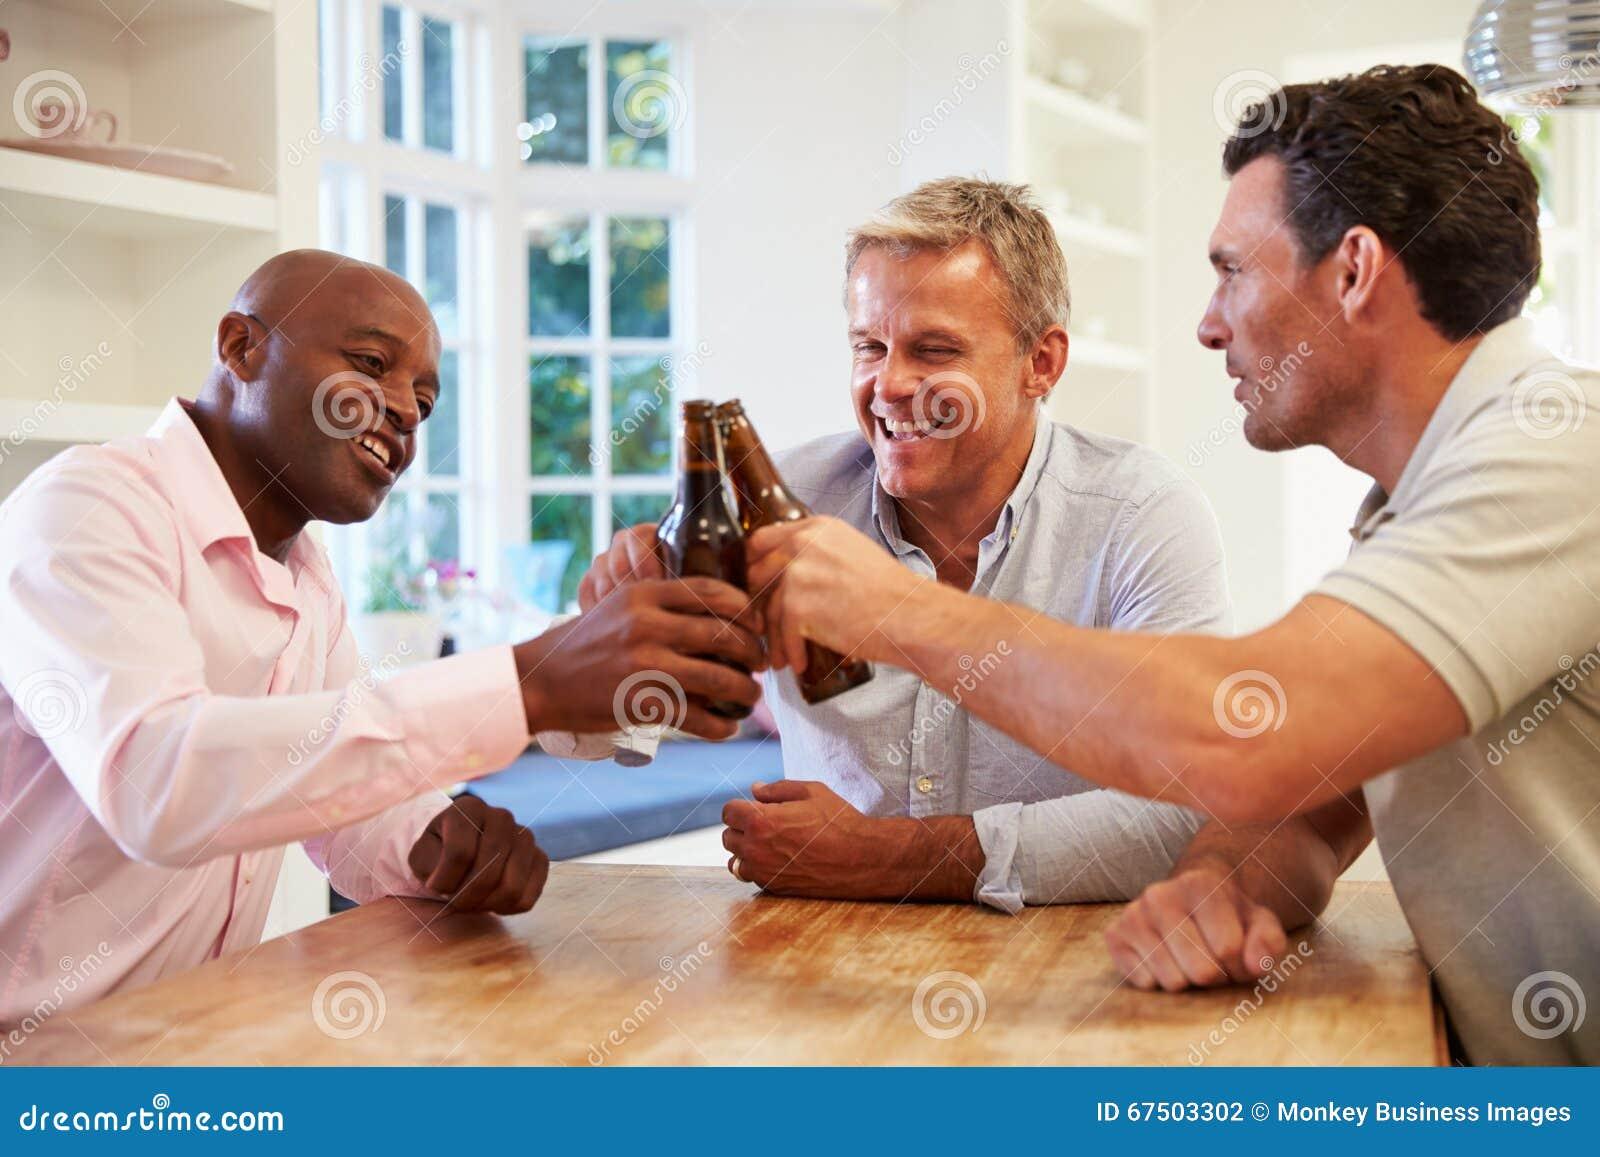 Reife männliche Freunde Sit At Table Drinking Beer und Unterhaltung